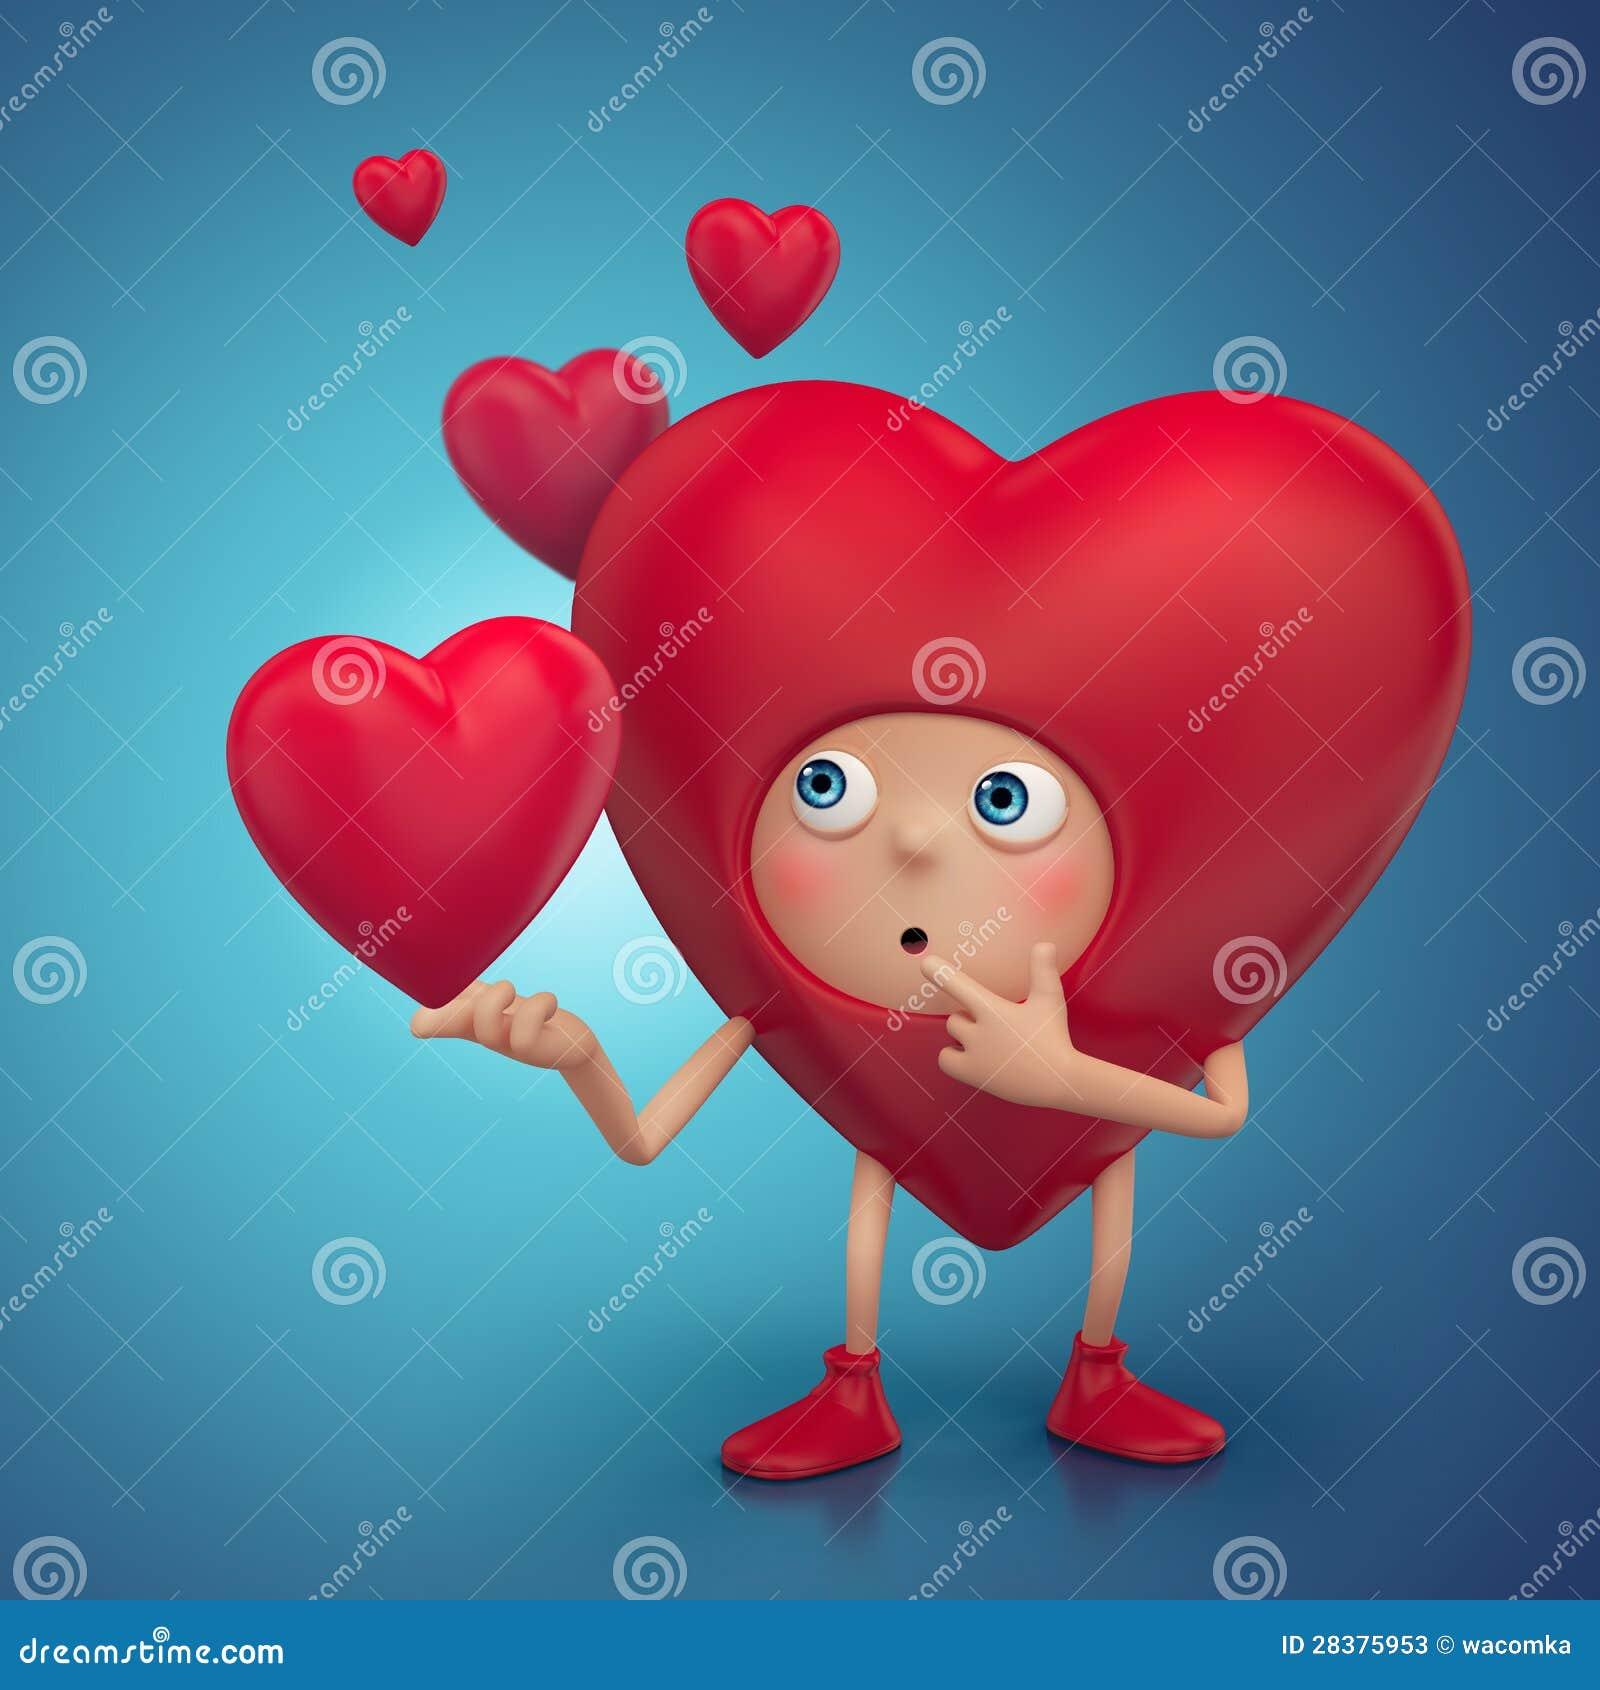 Imagenes de Corazones Funny-confused-heart-cartoon-character-28375953